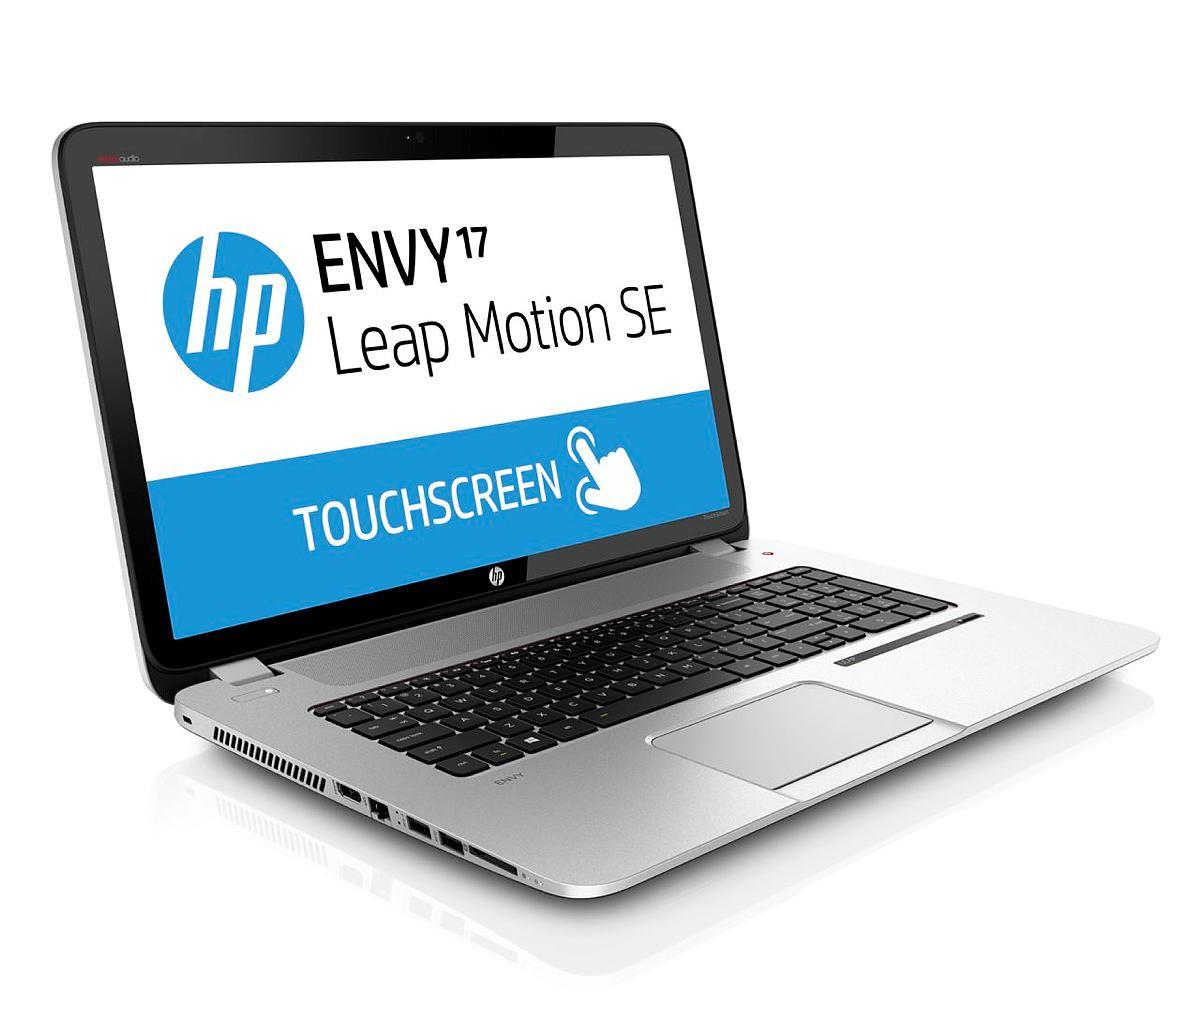 HP_Envy_17